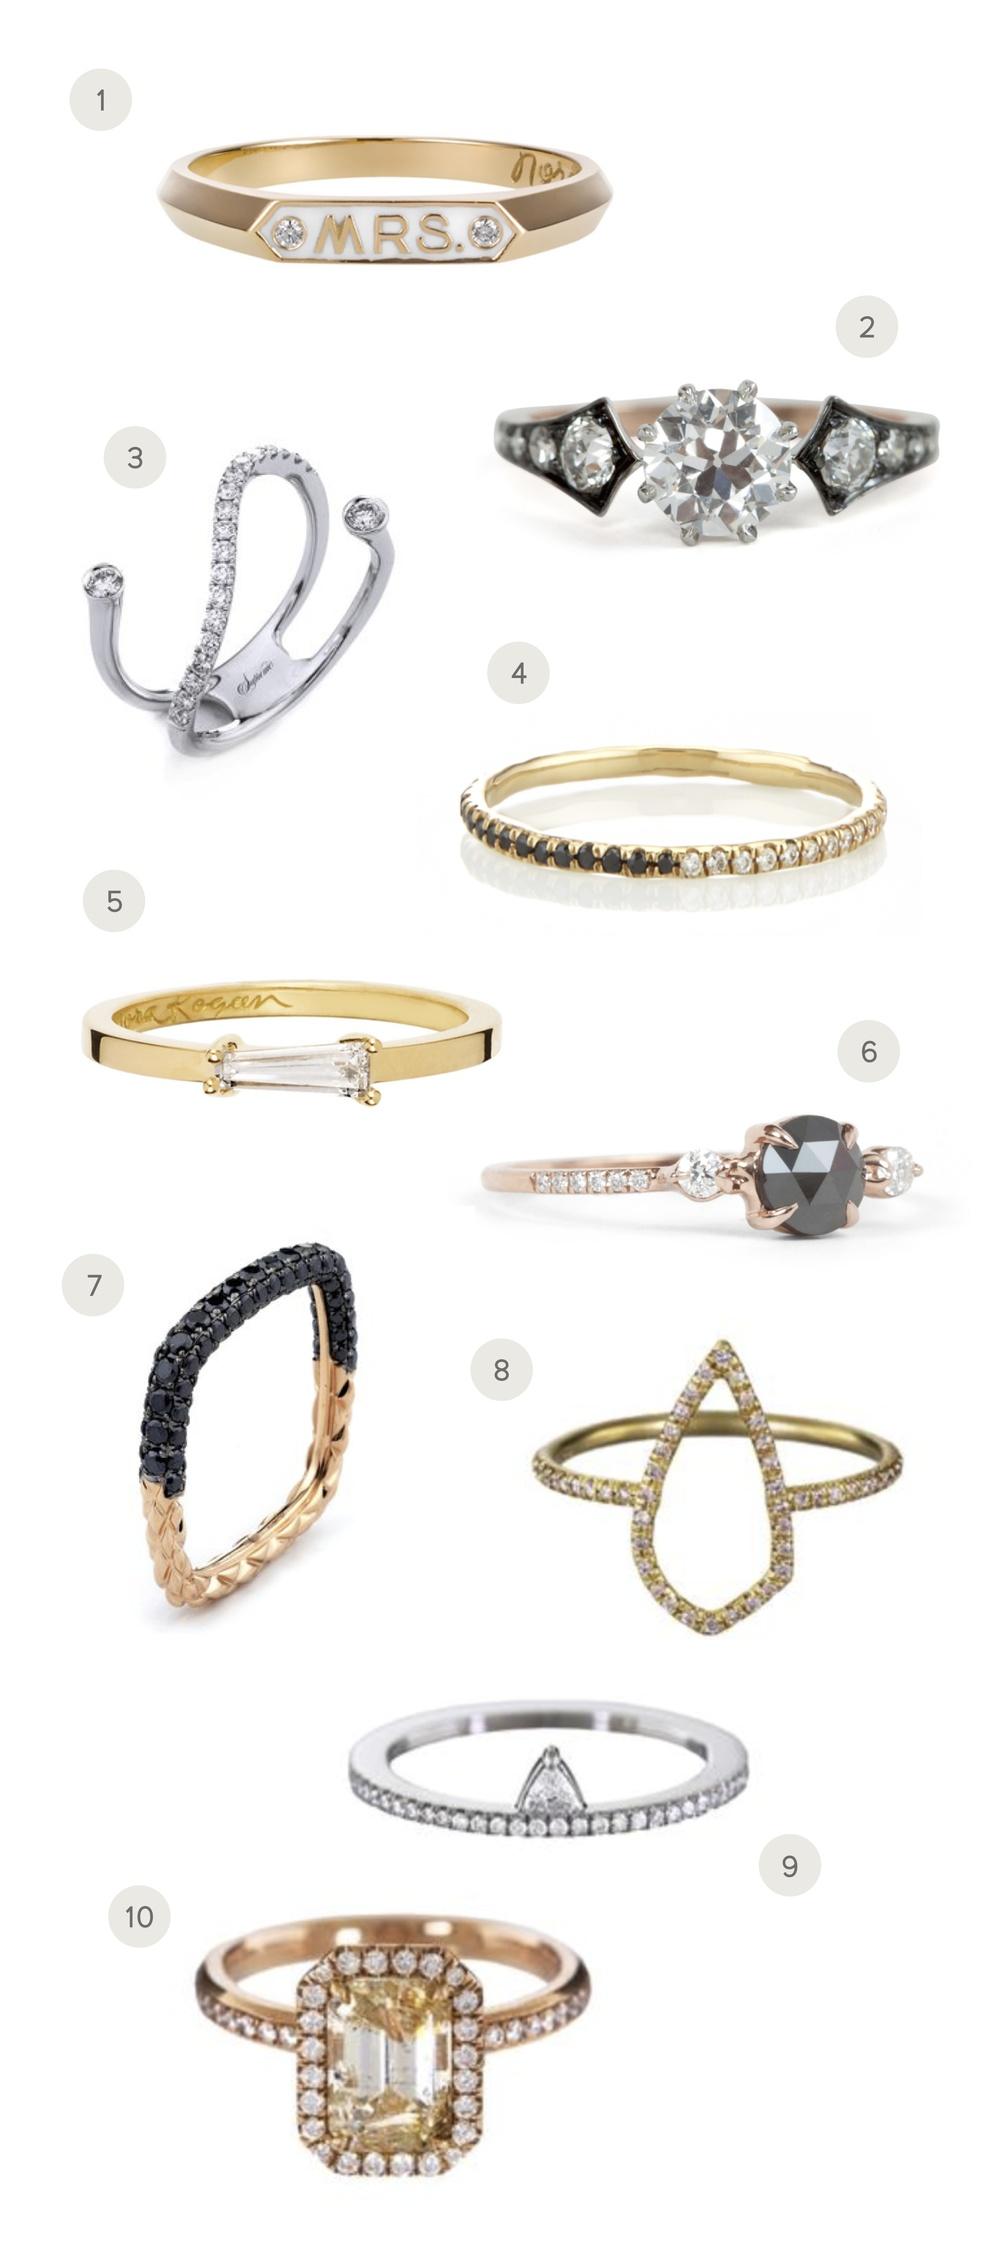 marabou design modern rings